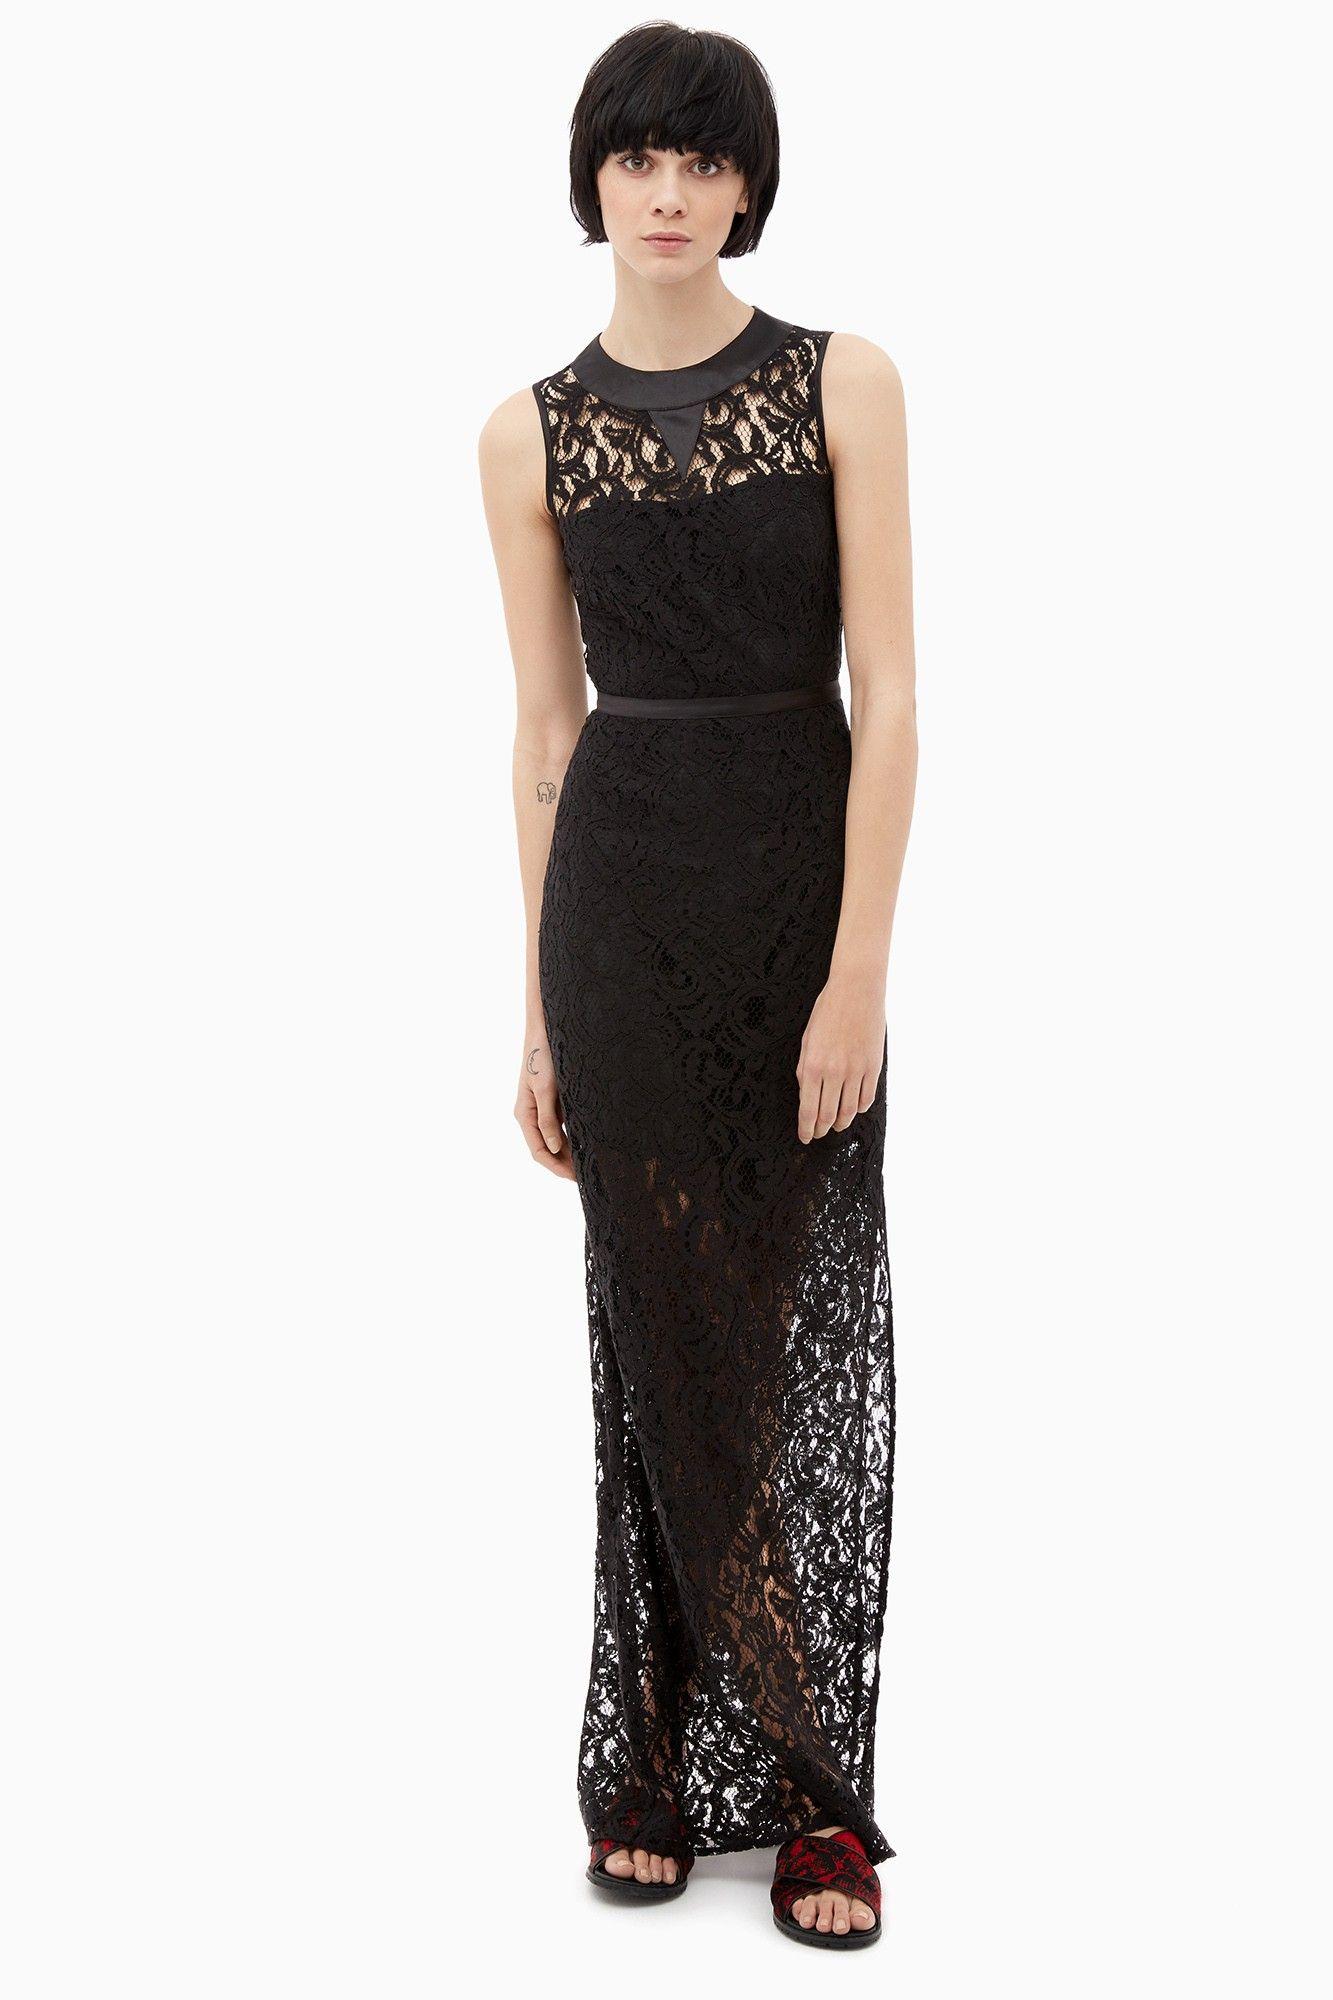 Vestido largo de encaje negro colecci n adolfo for Vestidos largos adolfo dominguez outlet